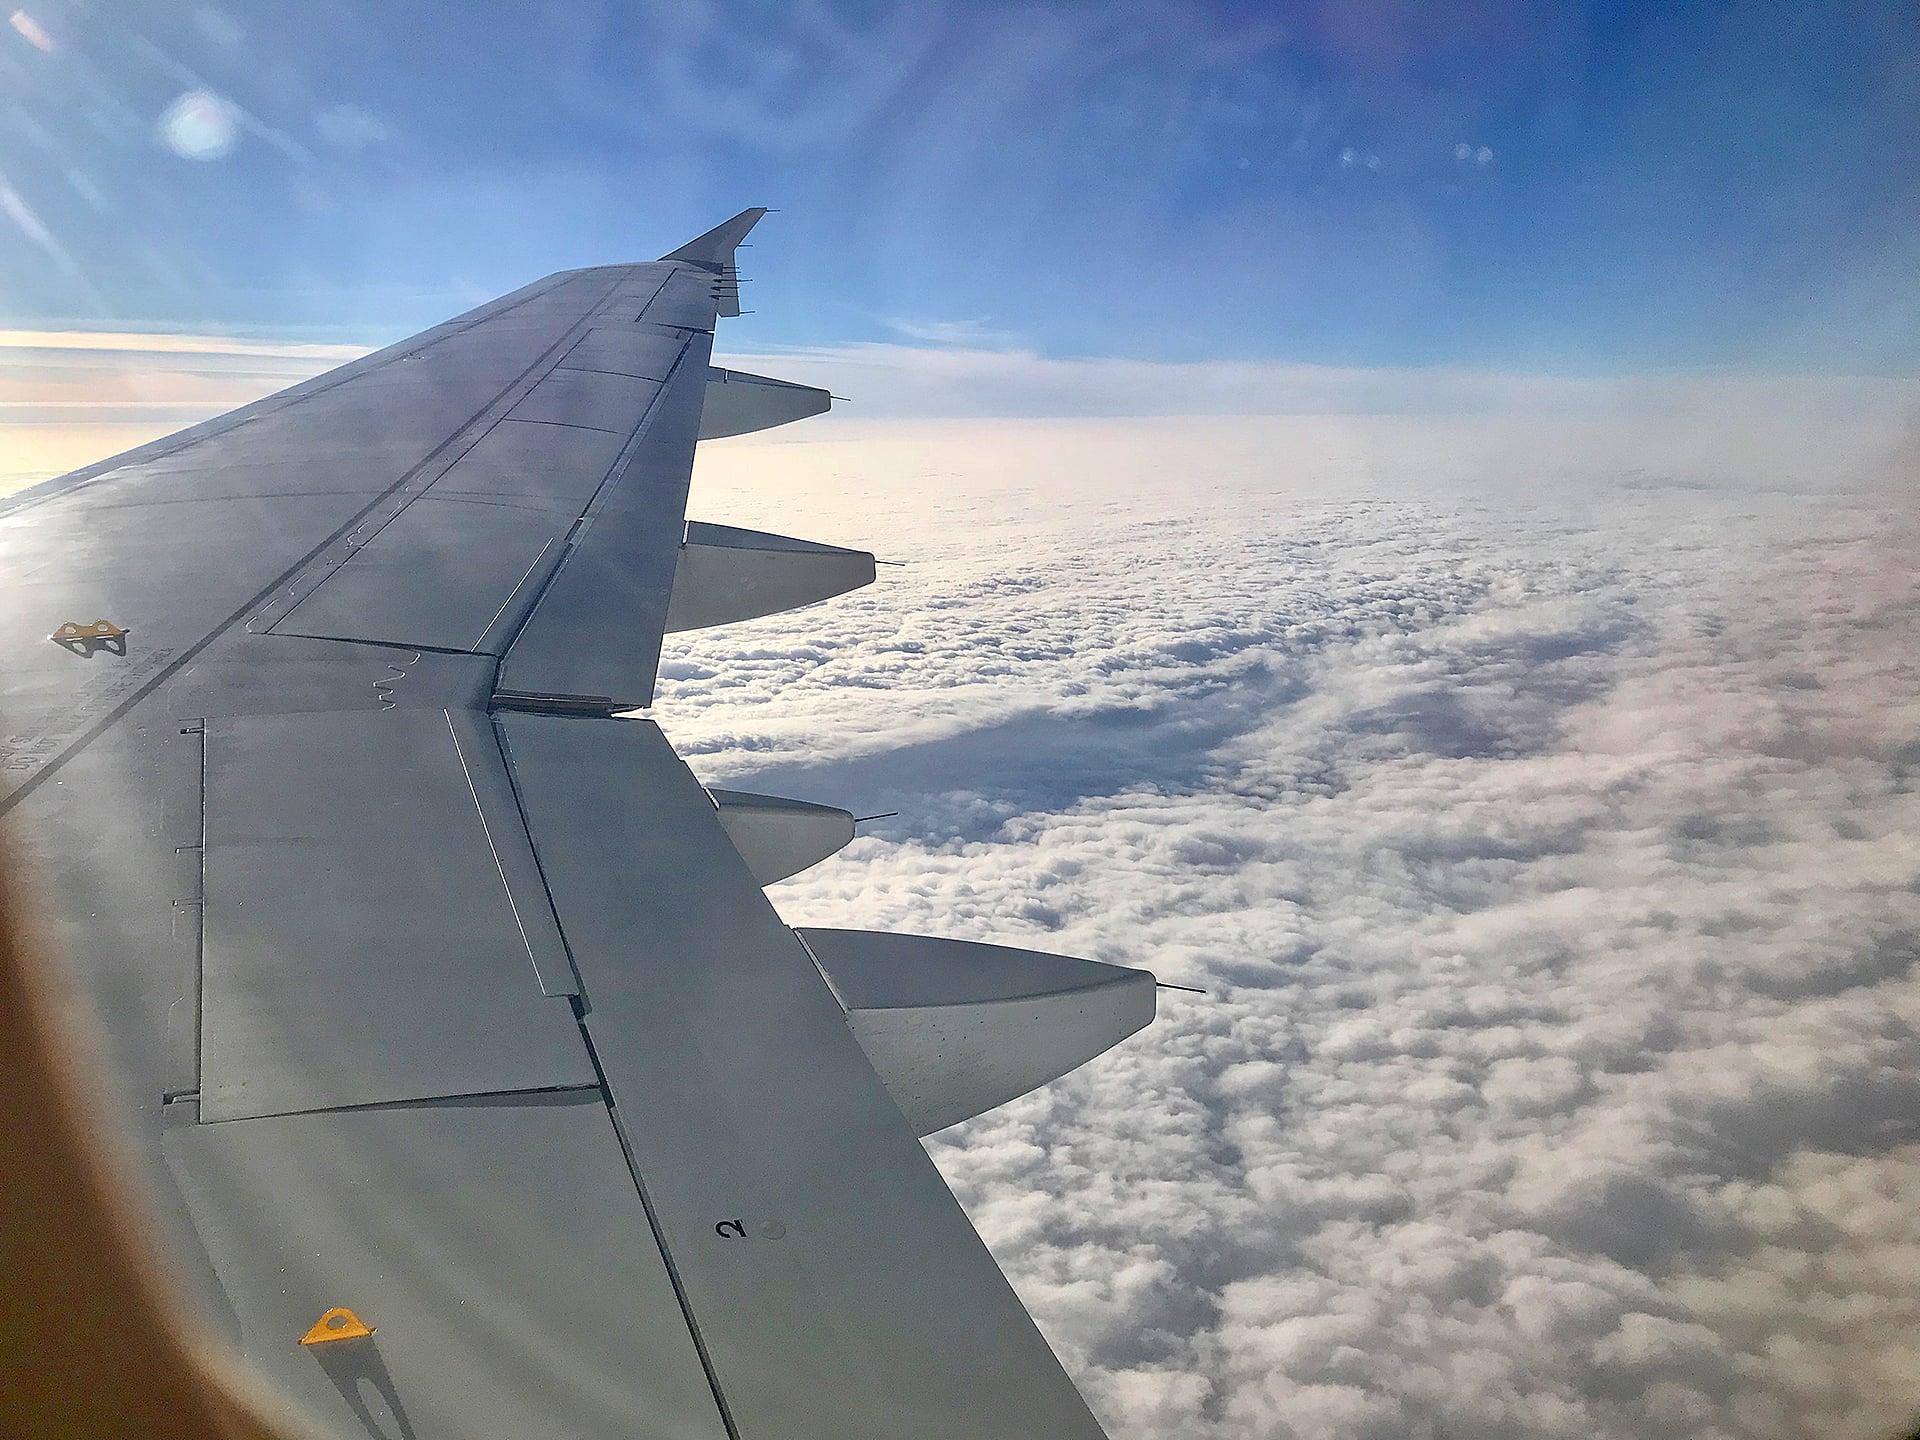 Anreise Athen mit Flugzeug; Reisetipps für Athen;